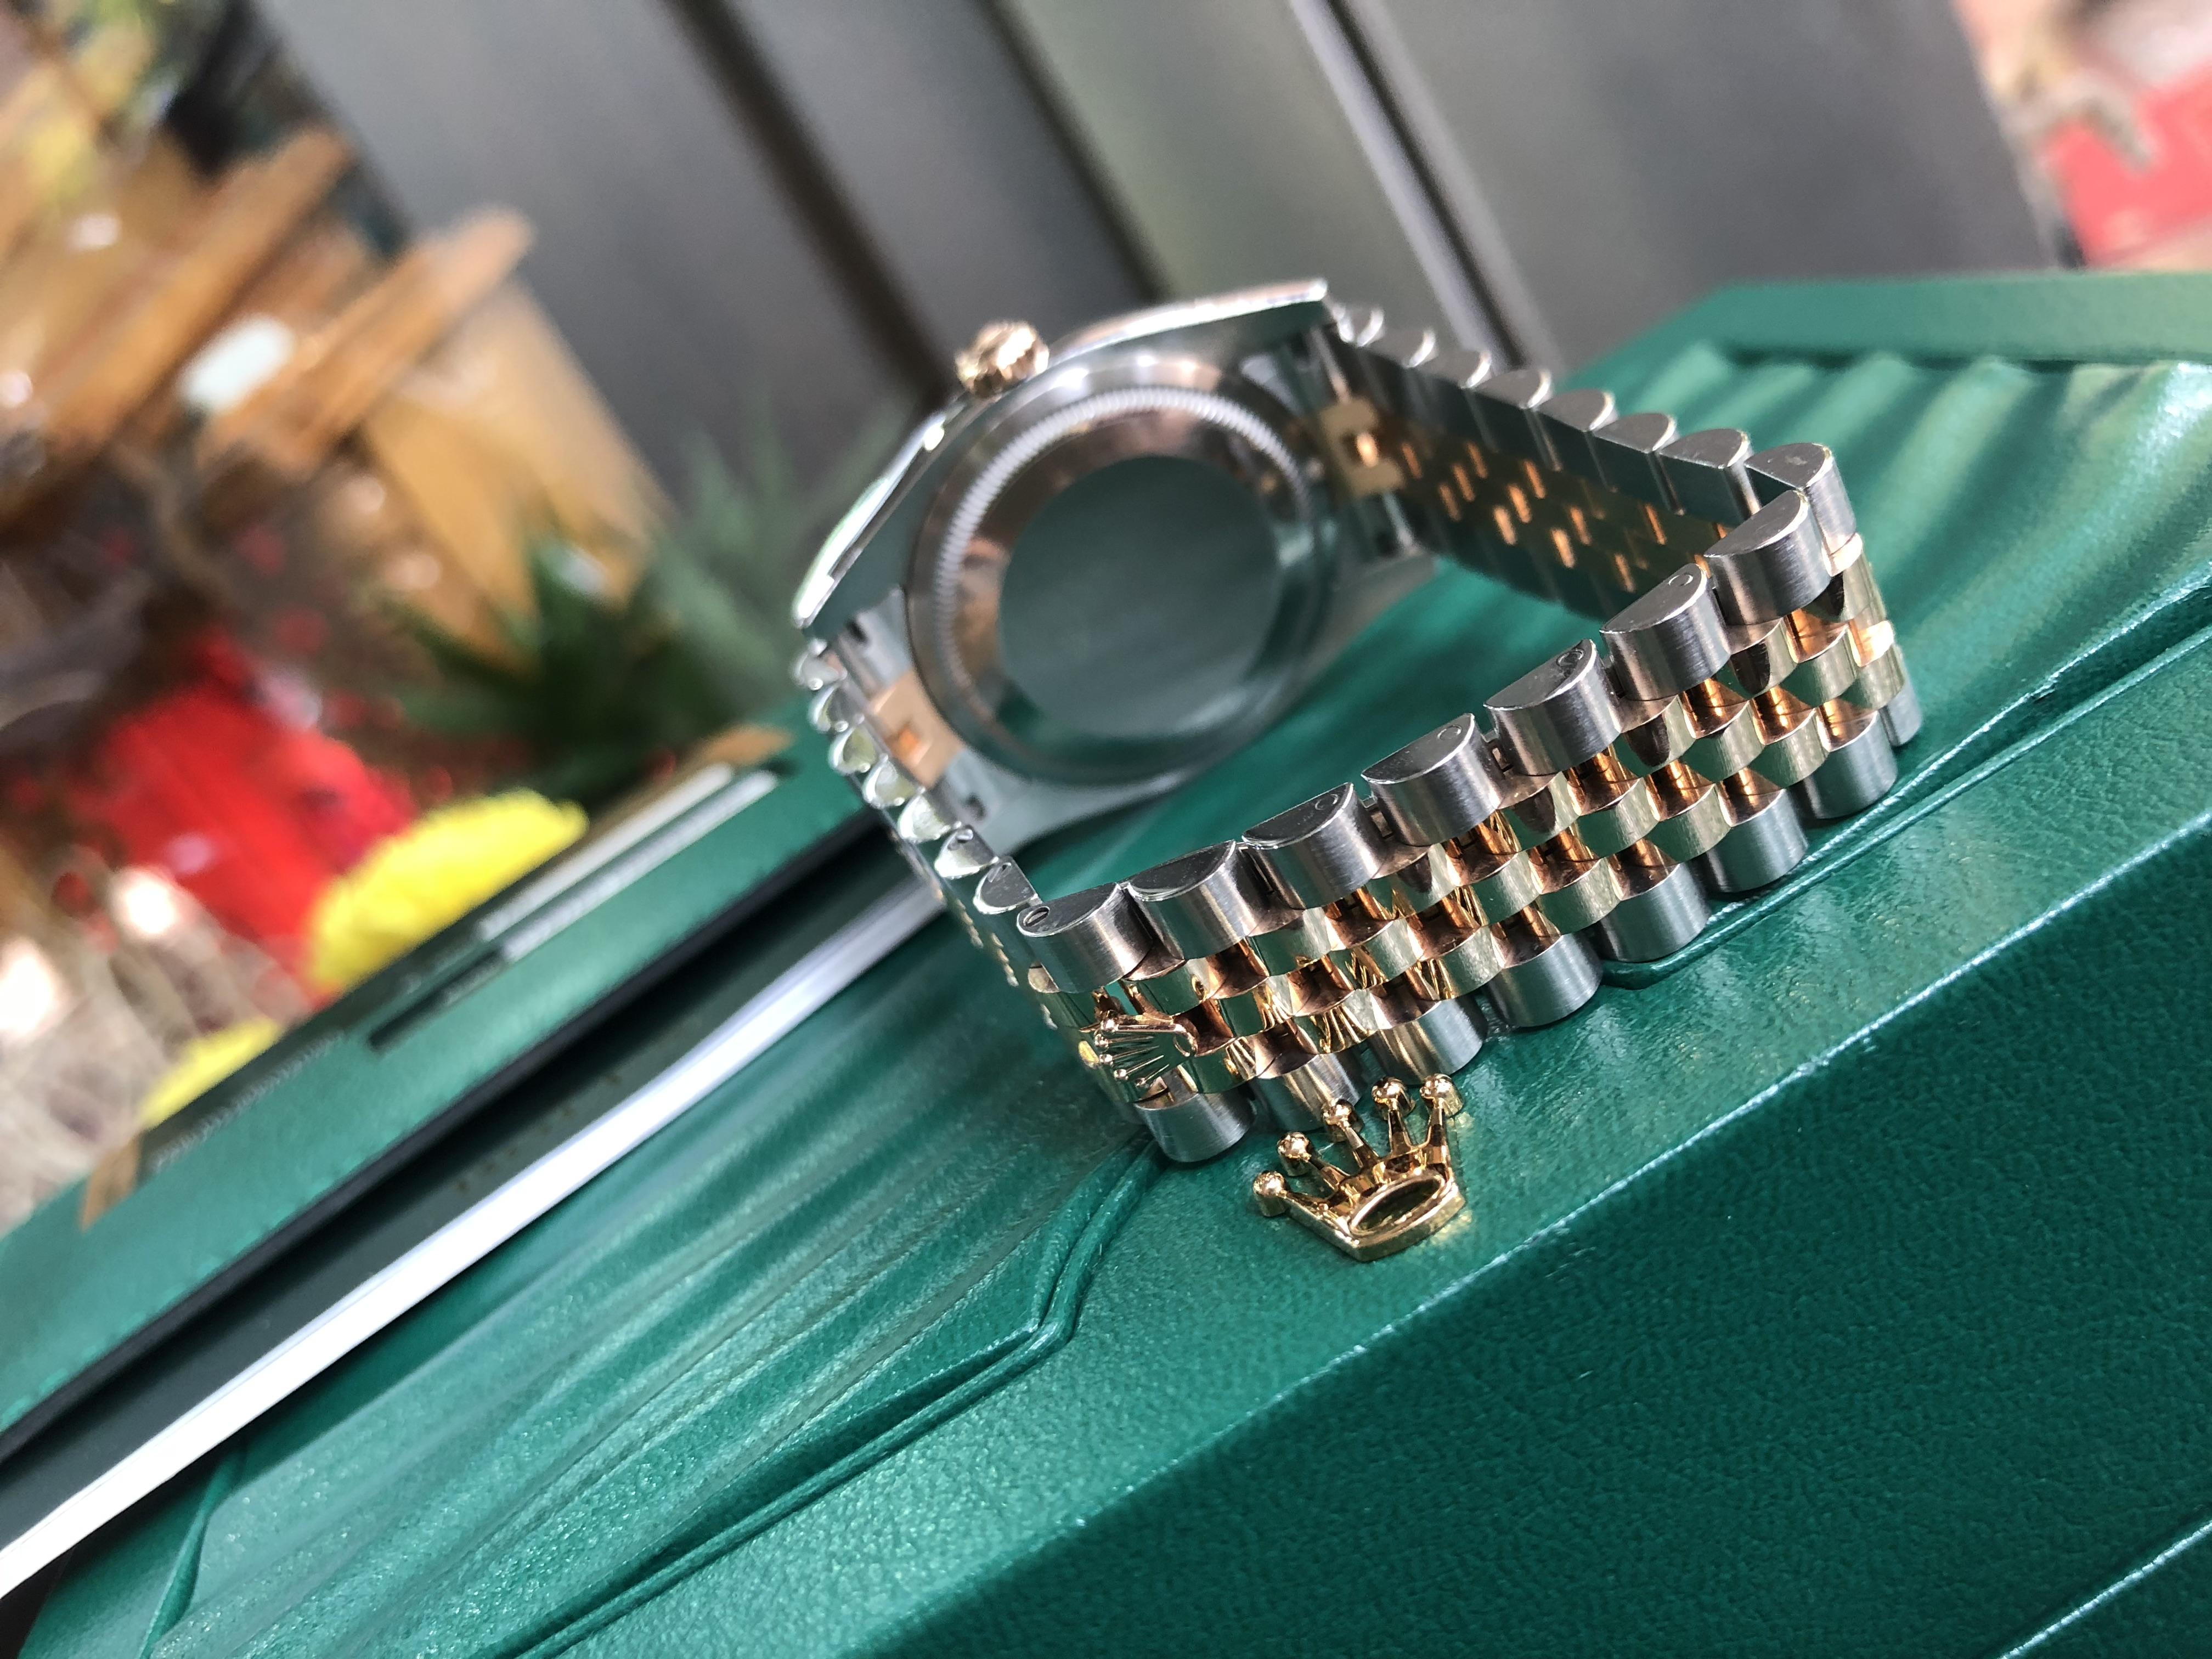 Rolex 116231 mặt vi tính phấn hồng size 36mm Fullbox